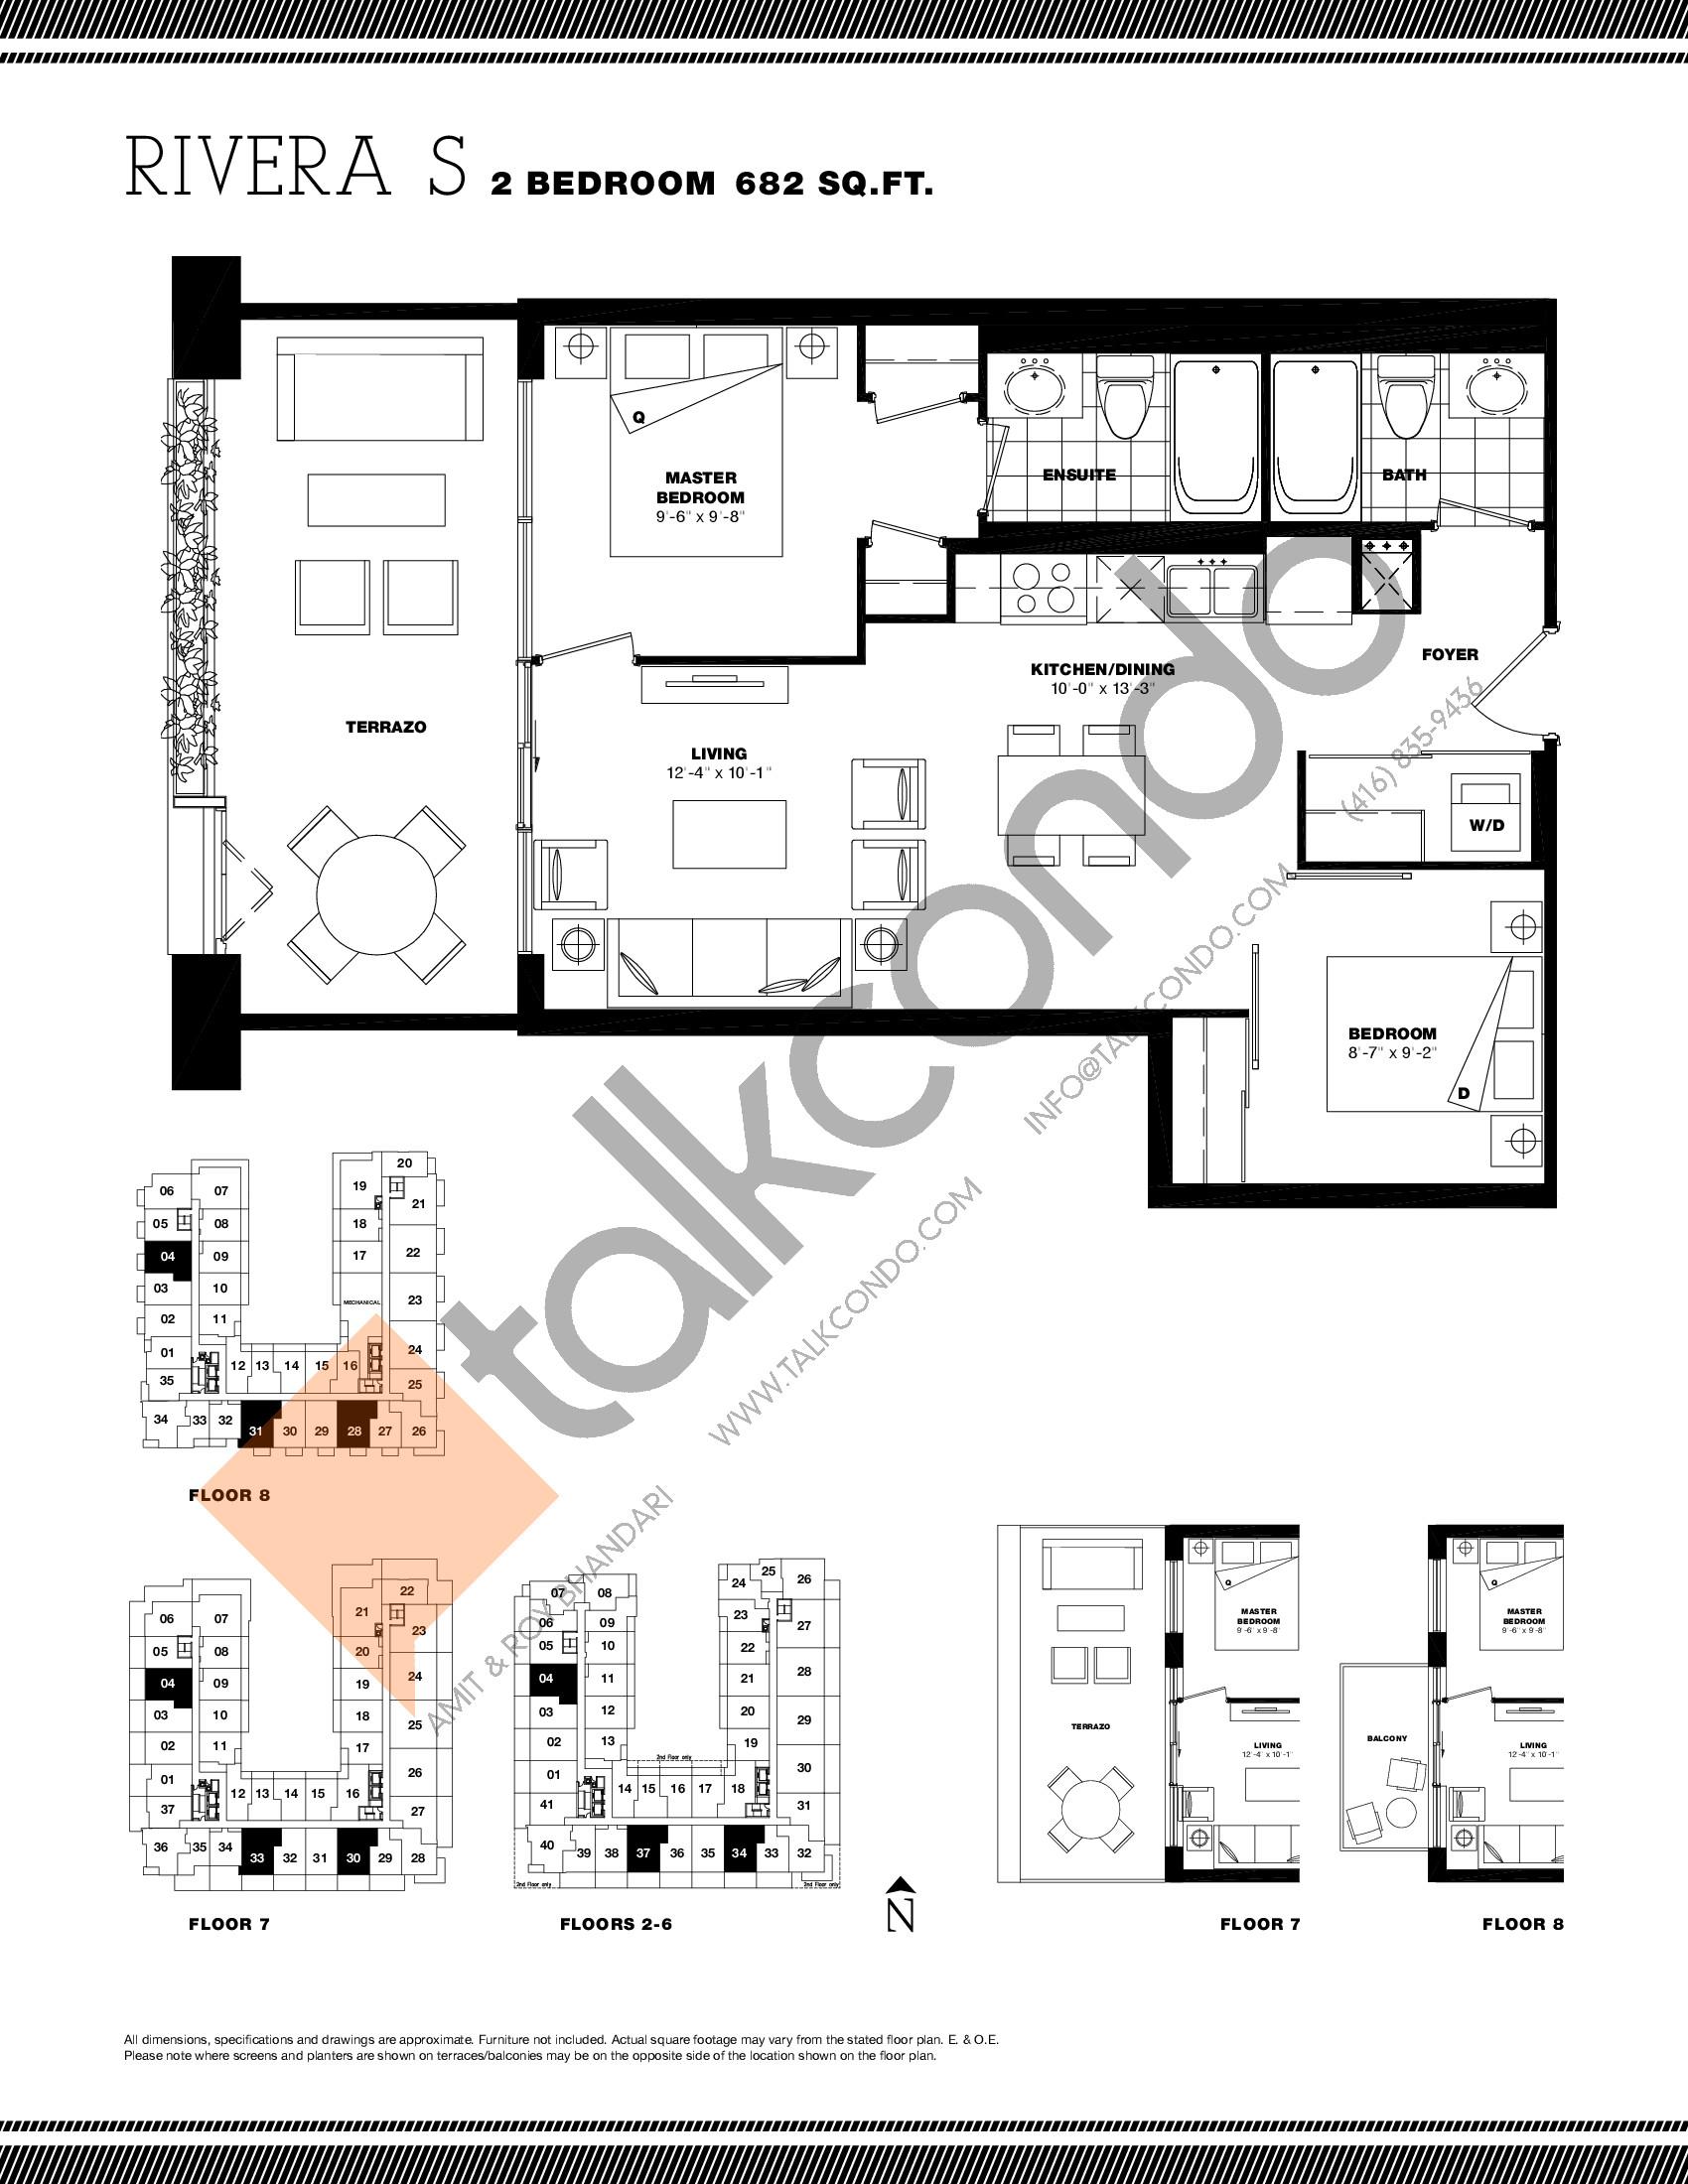 Rivera S Floor Plan at Residenze Palazzo at Treviso 3 Condos - 682 sq.ft